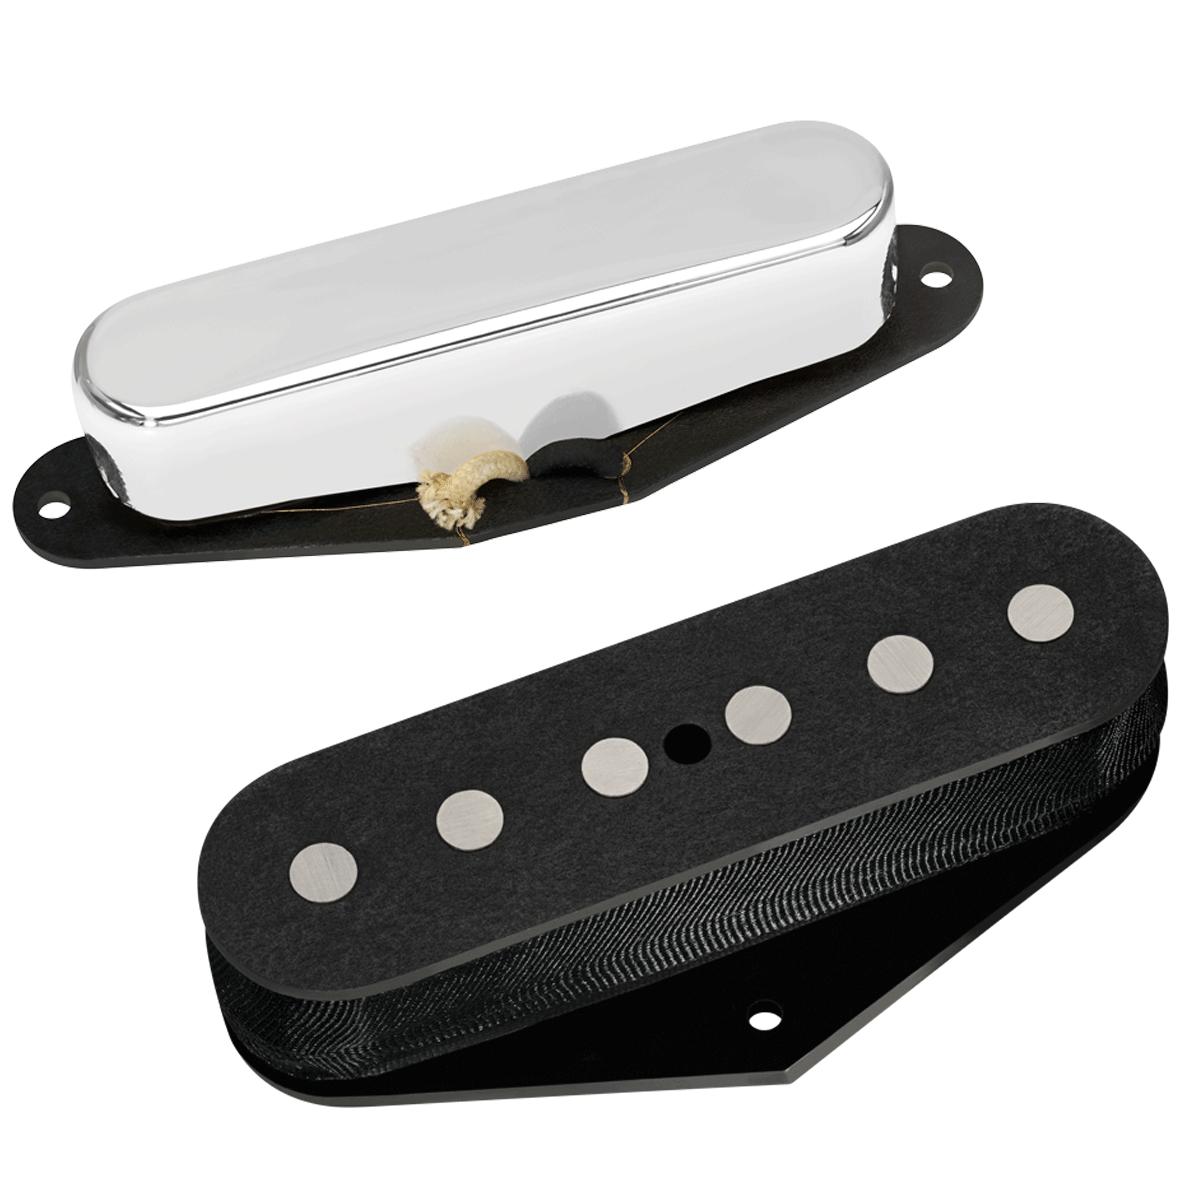 DiMarzio DP177 / DP178 True Velvet Tele neck & bridge pickup set